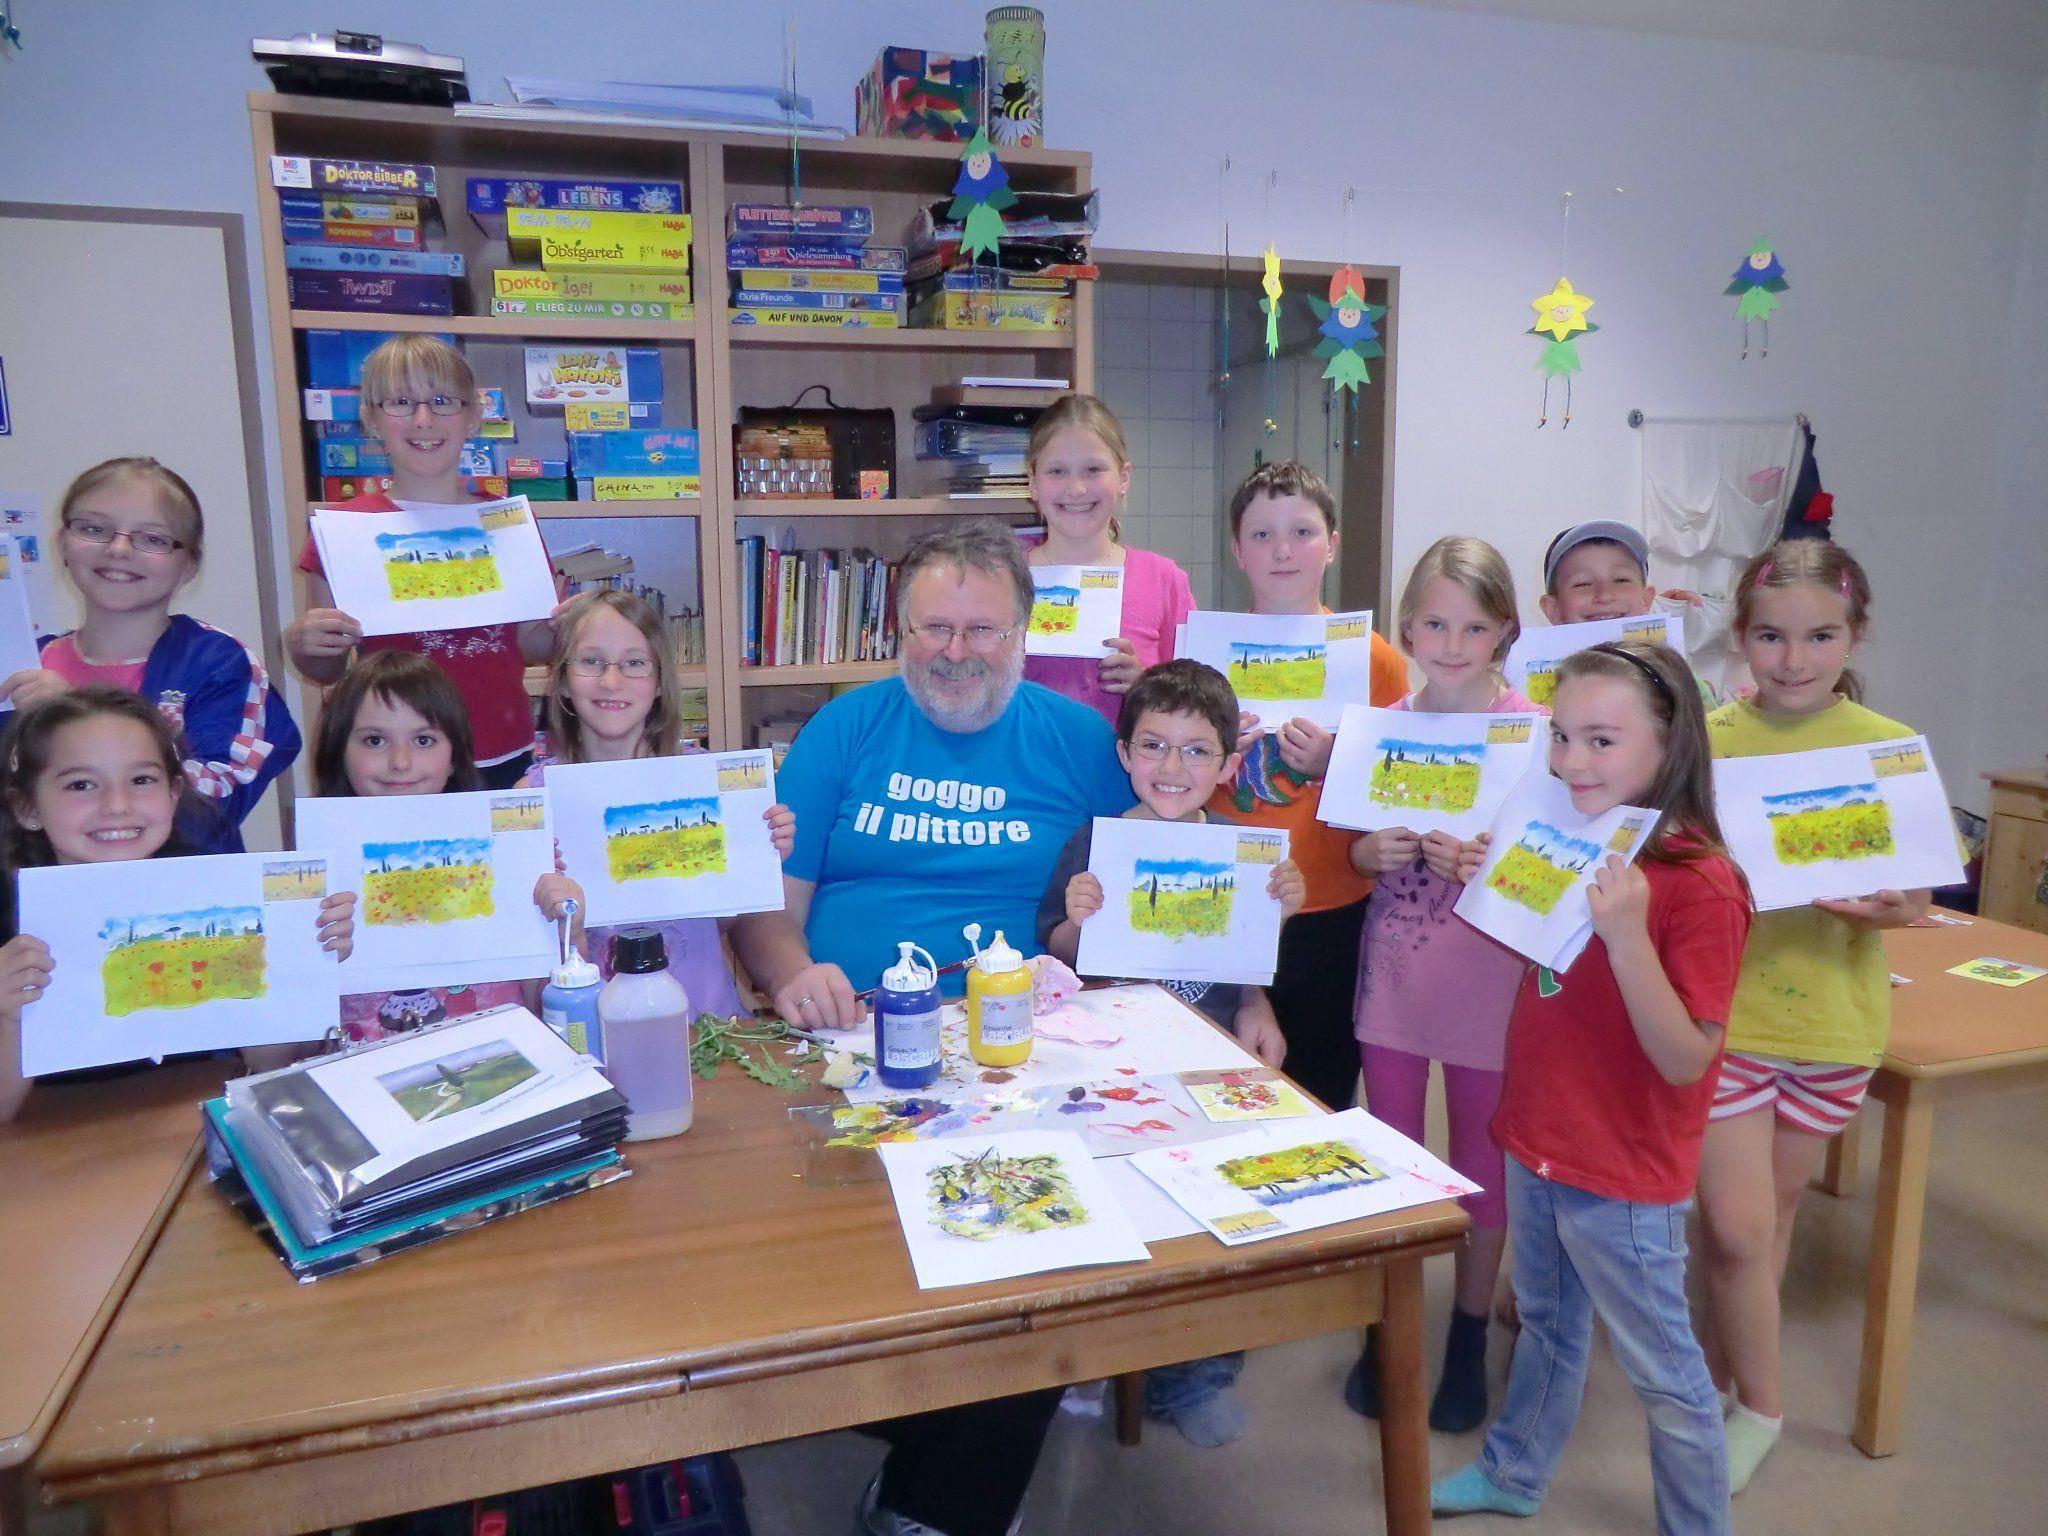 Stolz präsentieren die Kinder ihre Werke